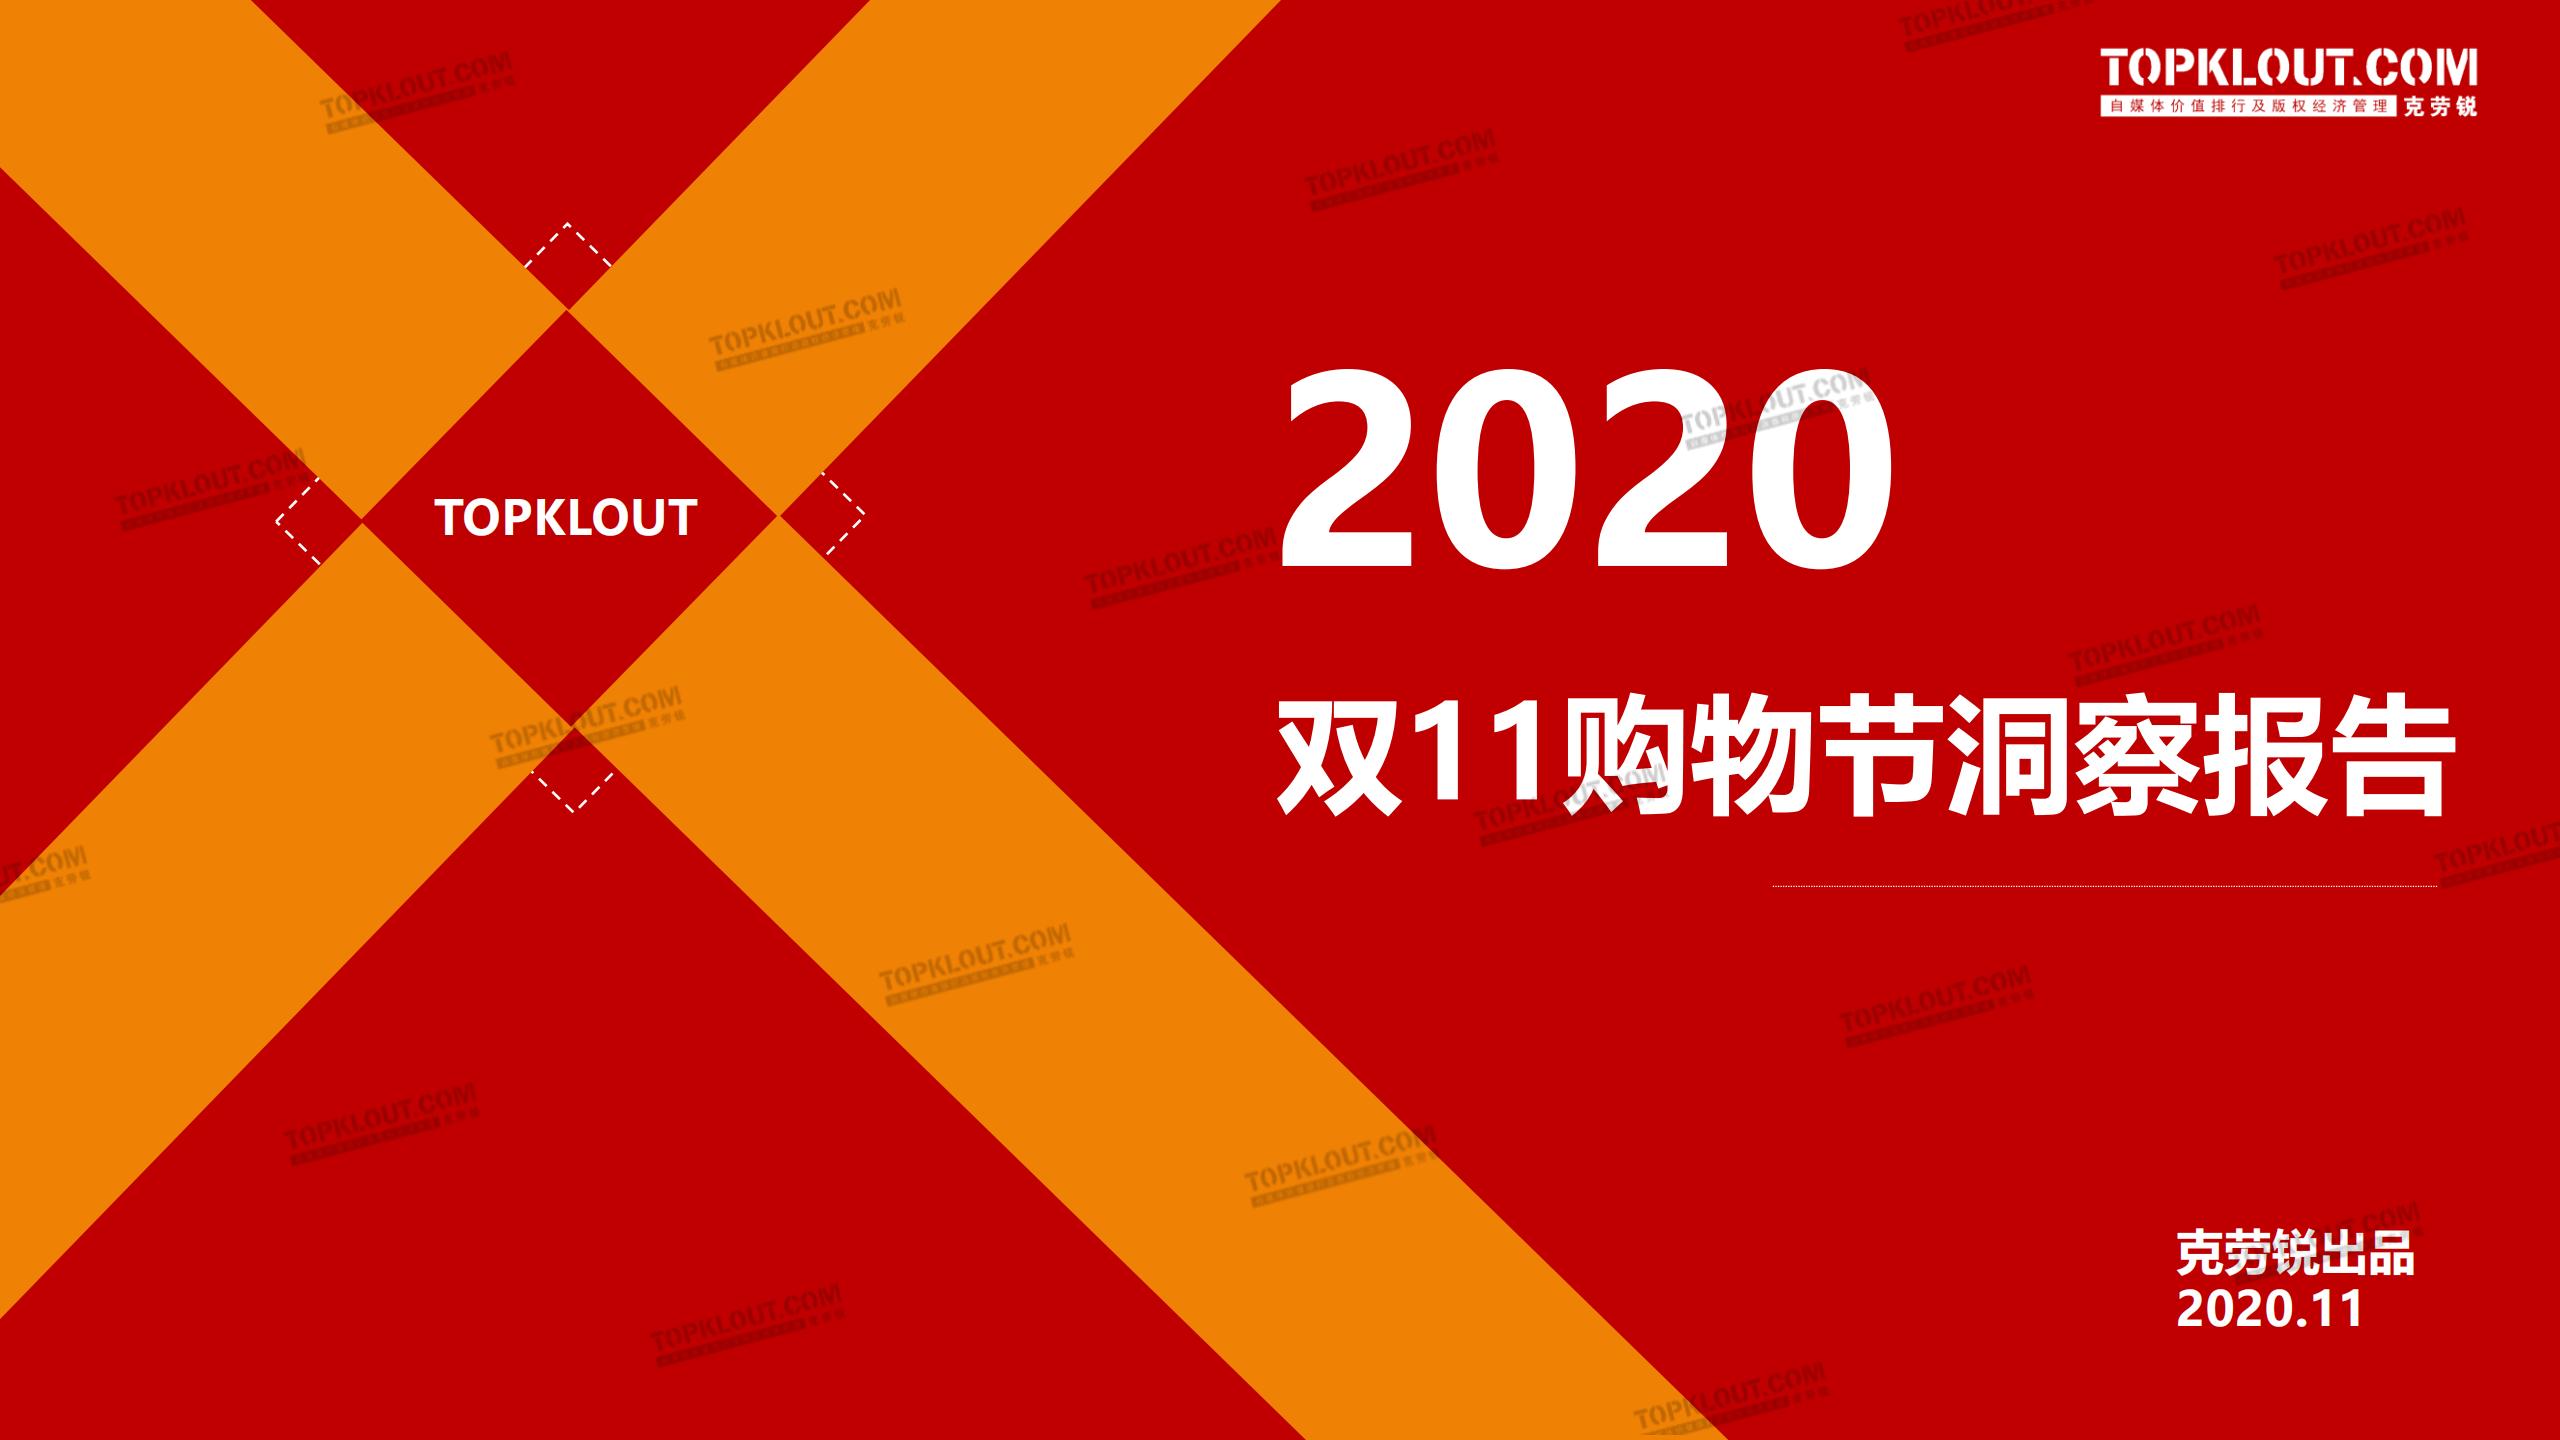 2020双11购物节洞察报告(附下载)